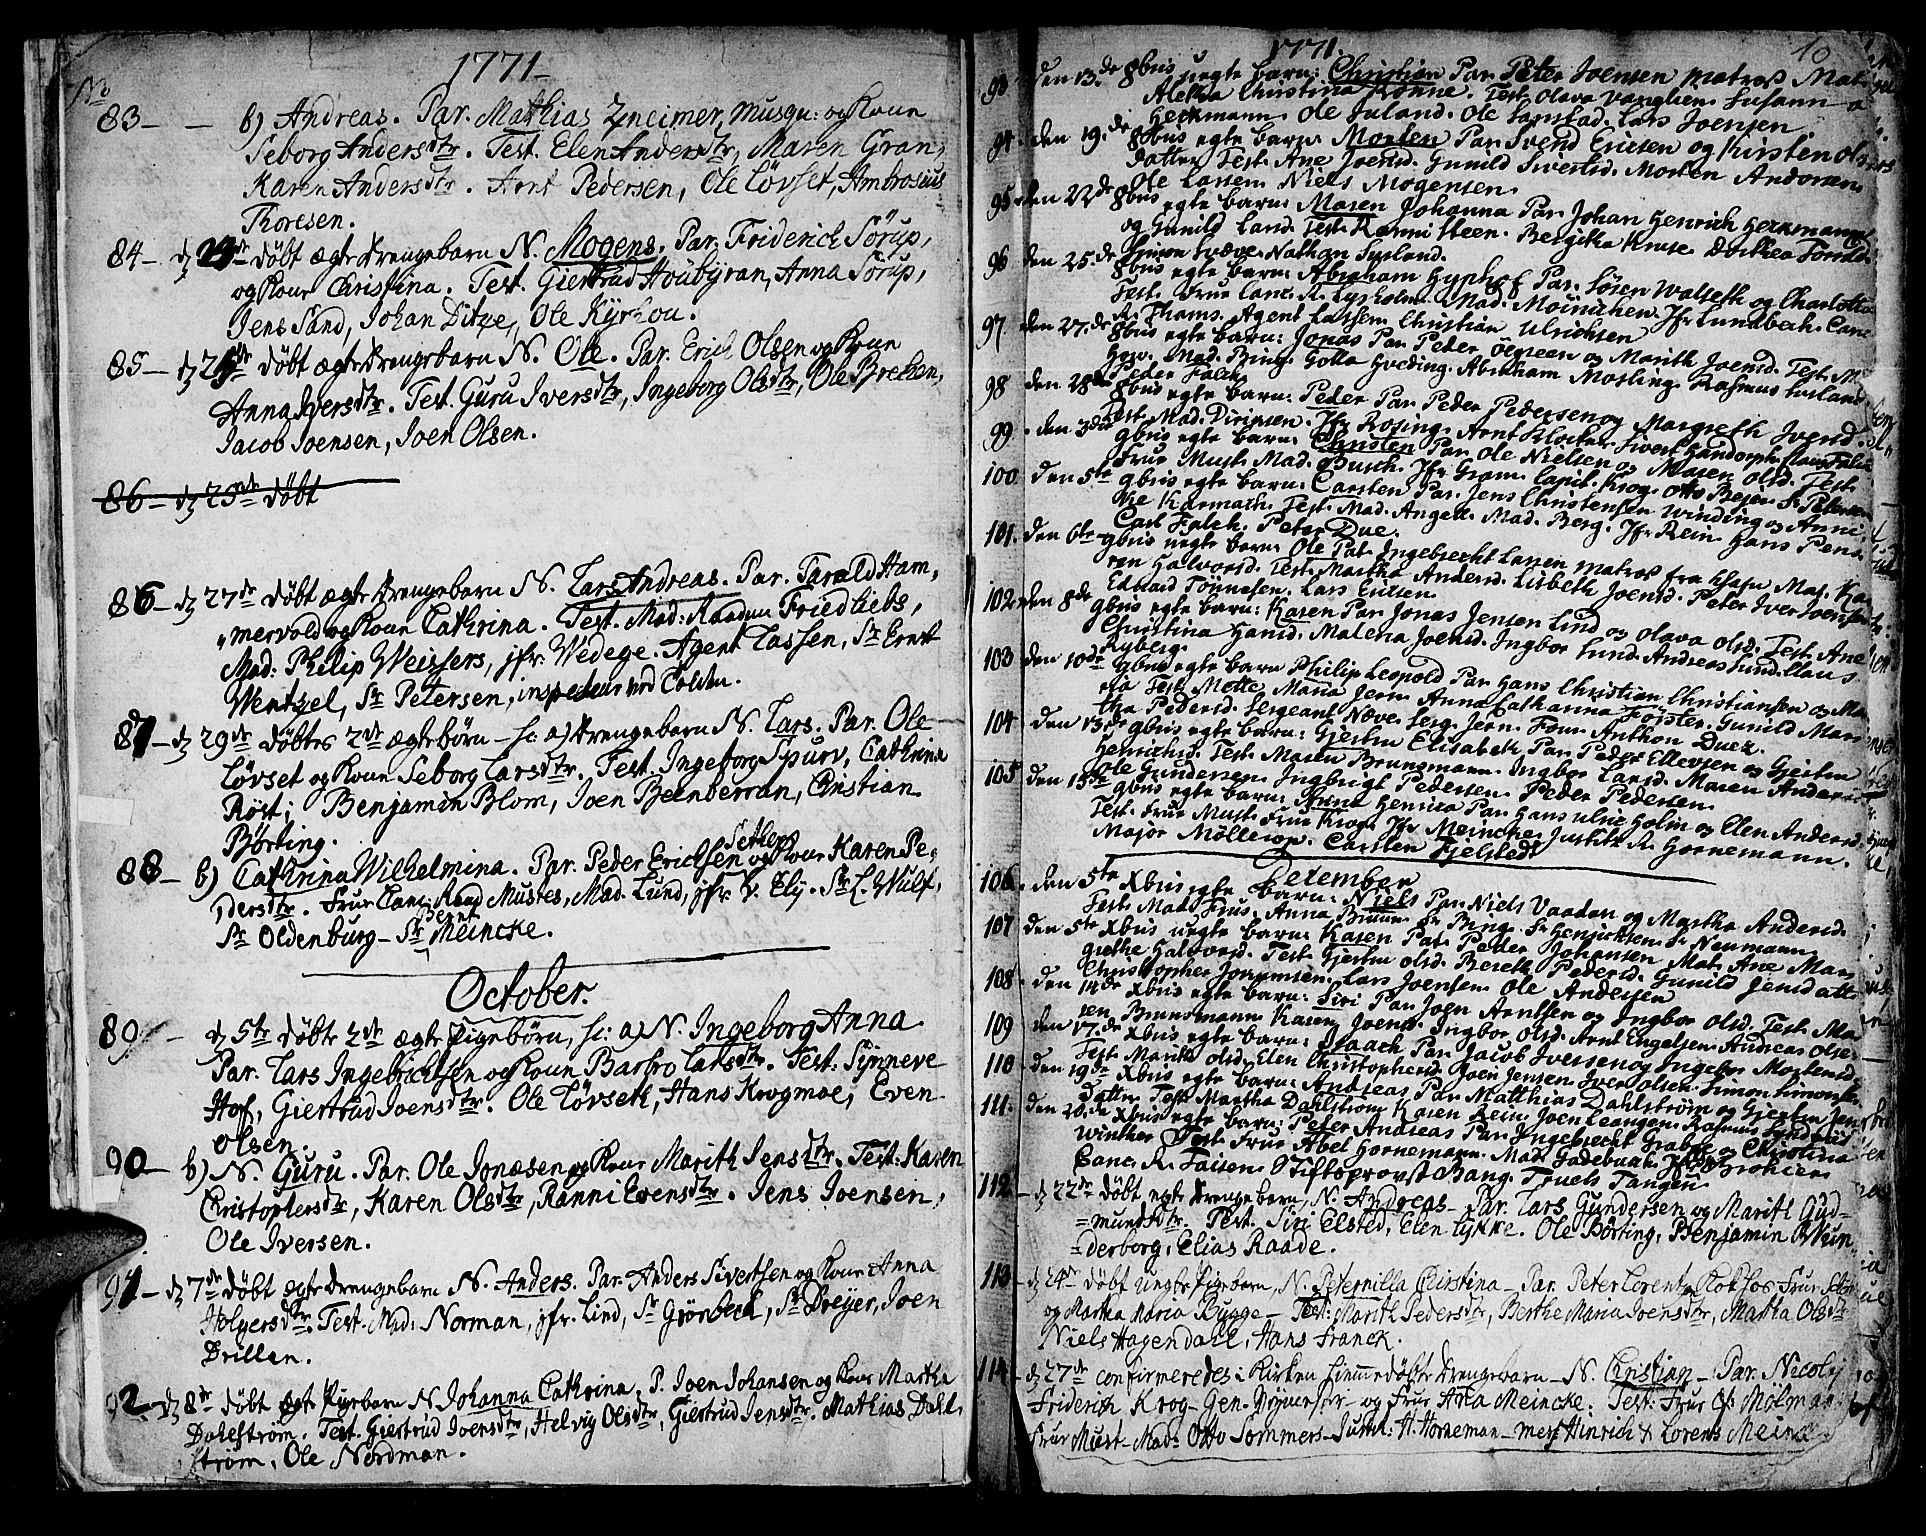 SAT, Ministerialprotokoller, klokkerbøker og fødselsregistre - Sør-Trøndelag, 601/L0039: Ministerialbok nr. 601A07, 1770-1819, s. 10